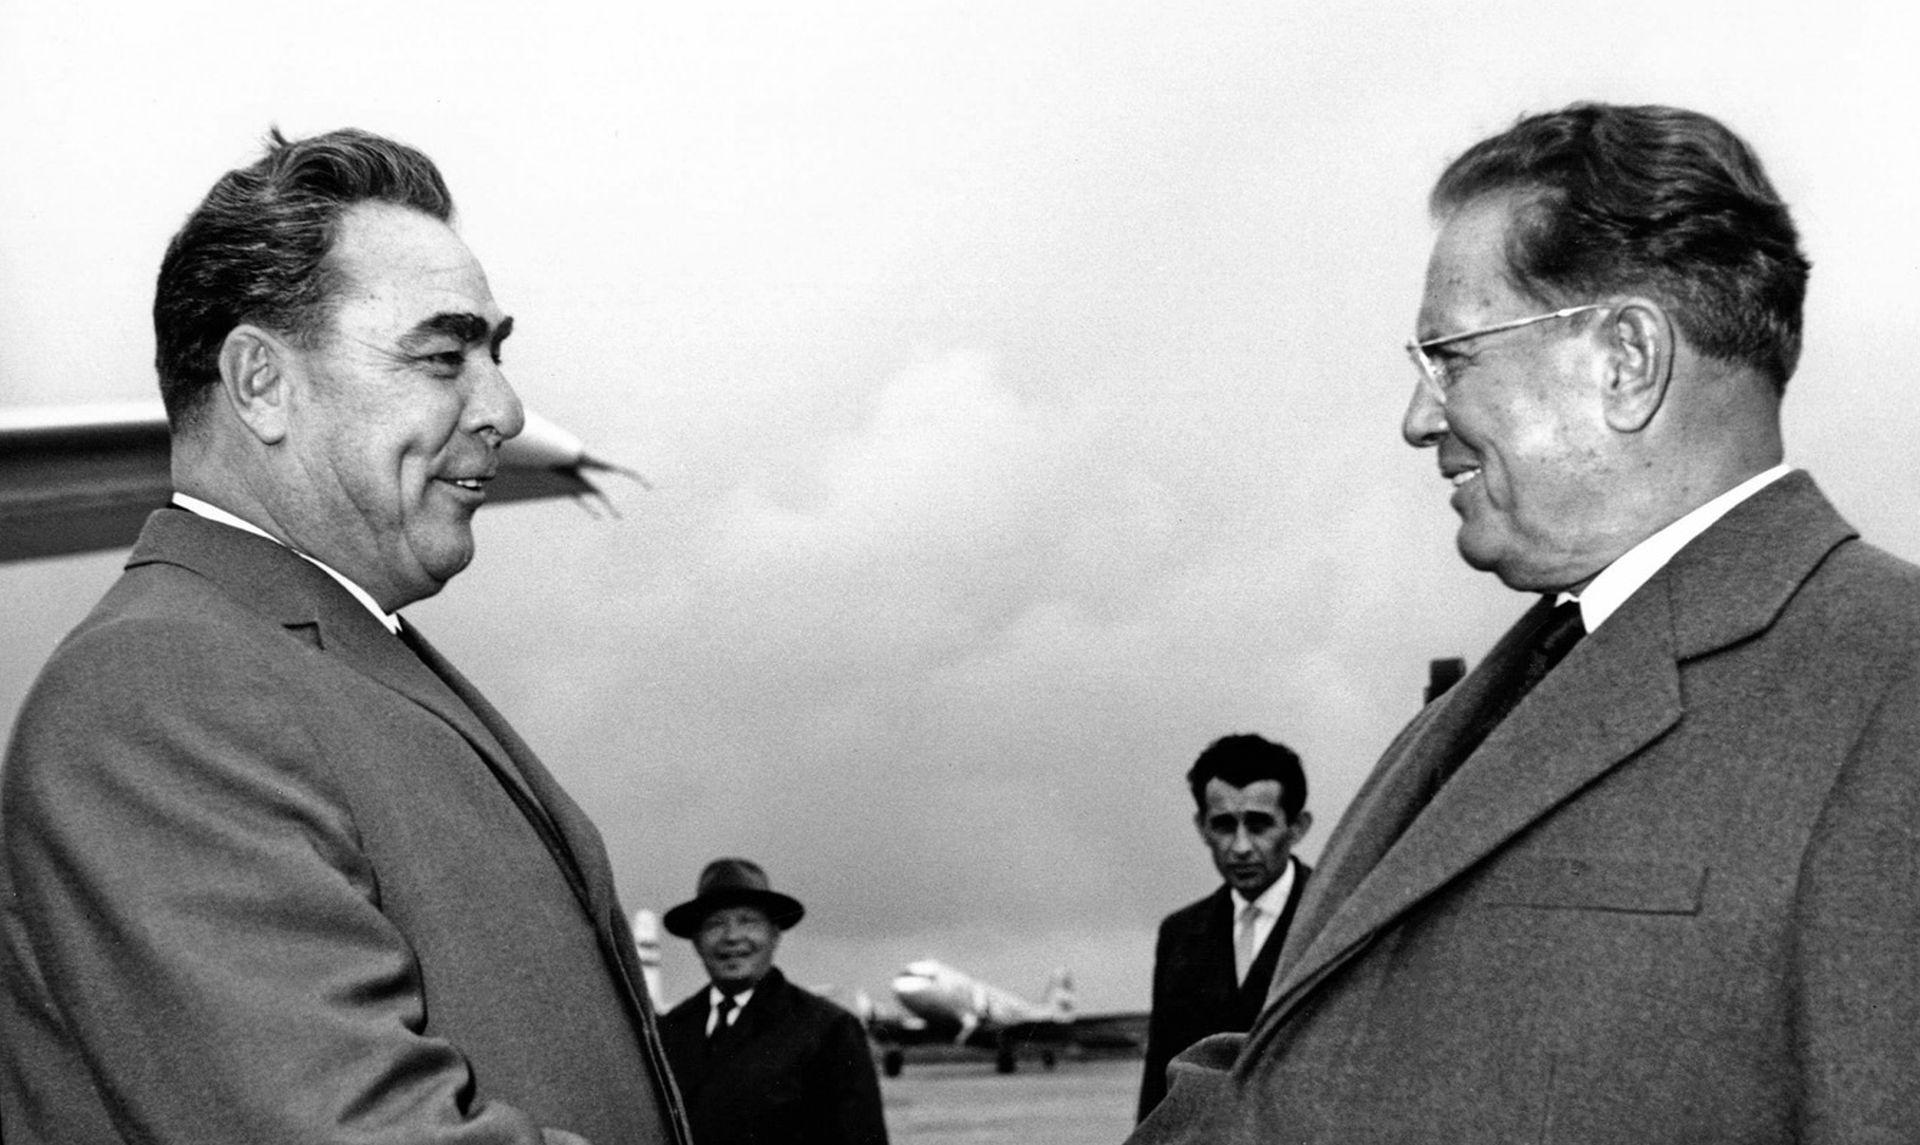 FELJTON Mit o Titu kao glavnom neprijatelju Sovjeta